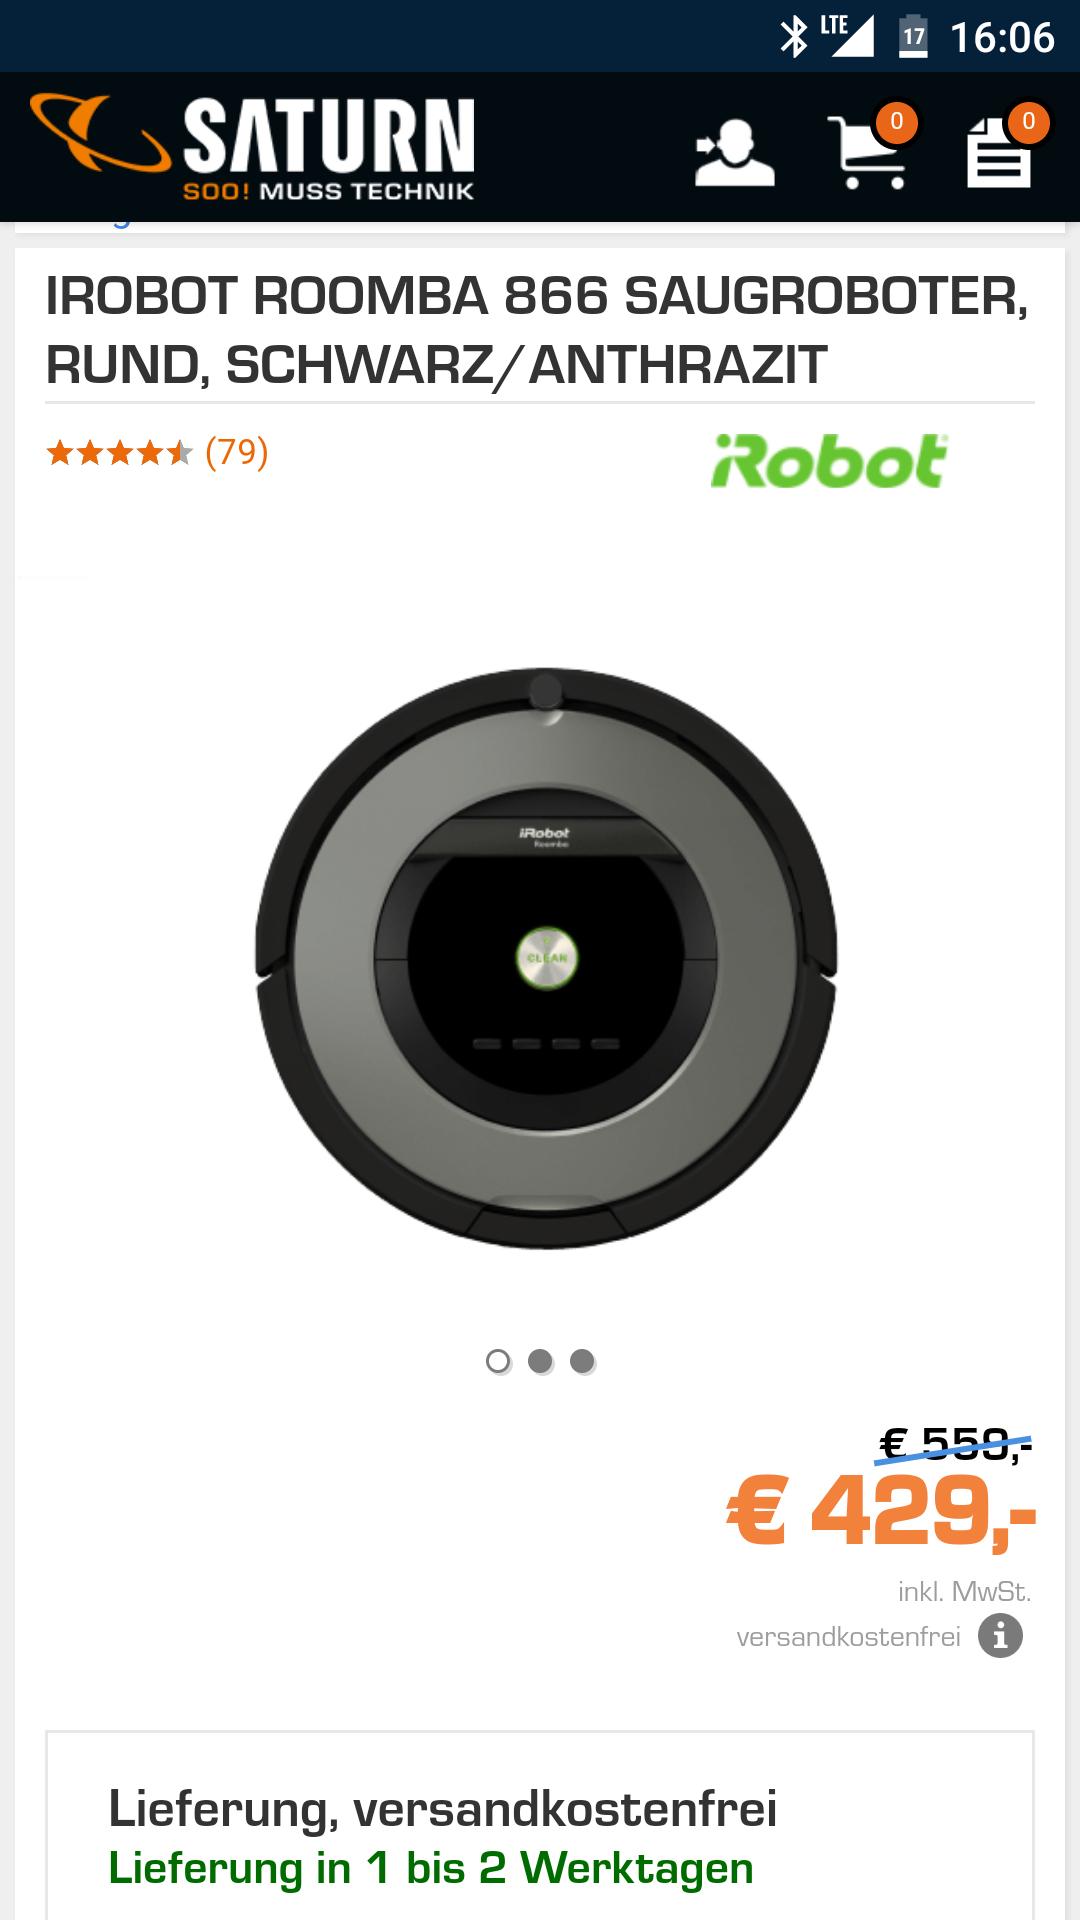 Saturn IROBOT ROOMBA 866429,00€ (Idealo 479,00€)